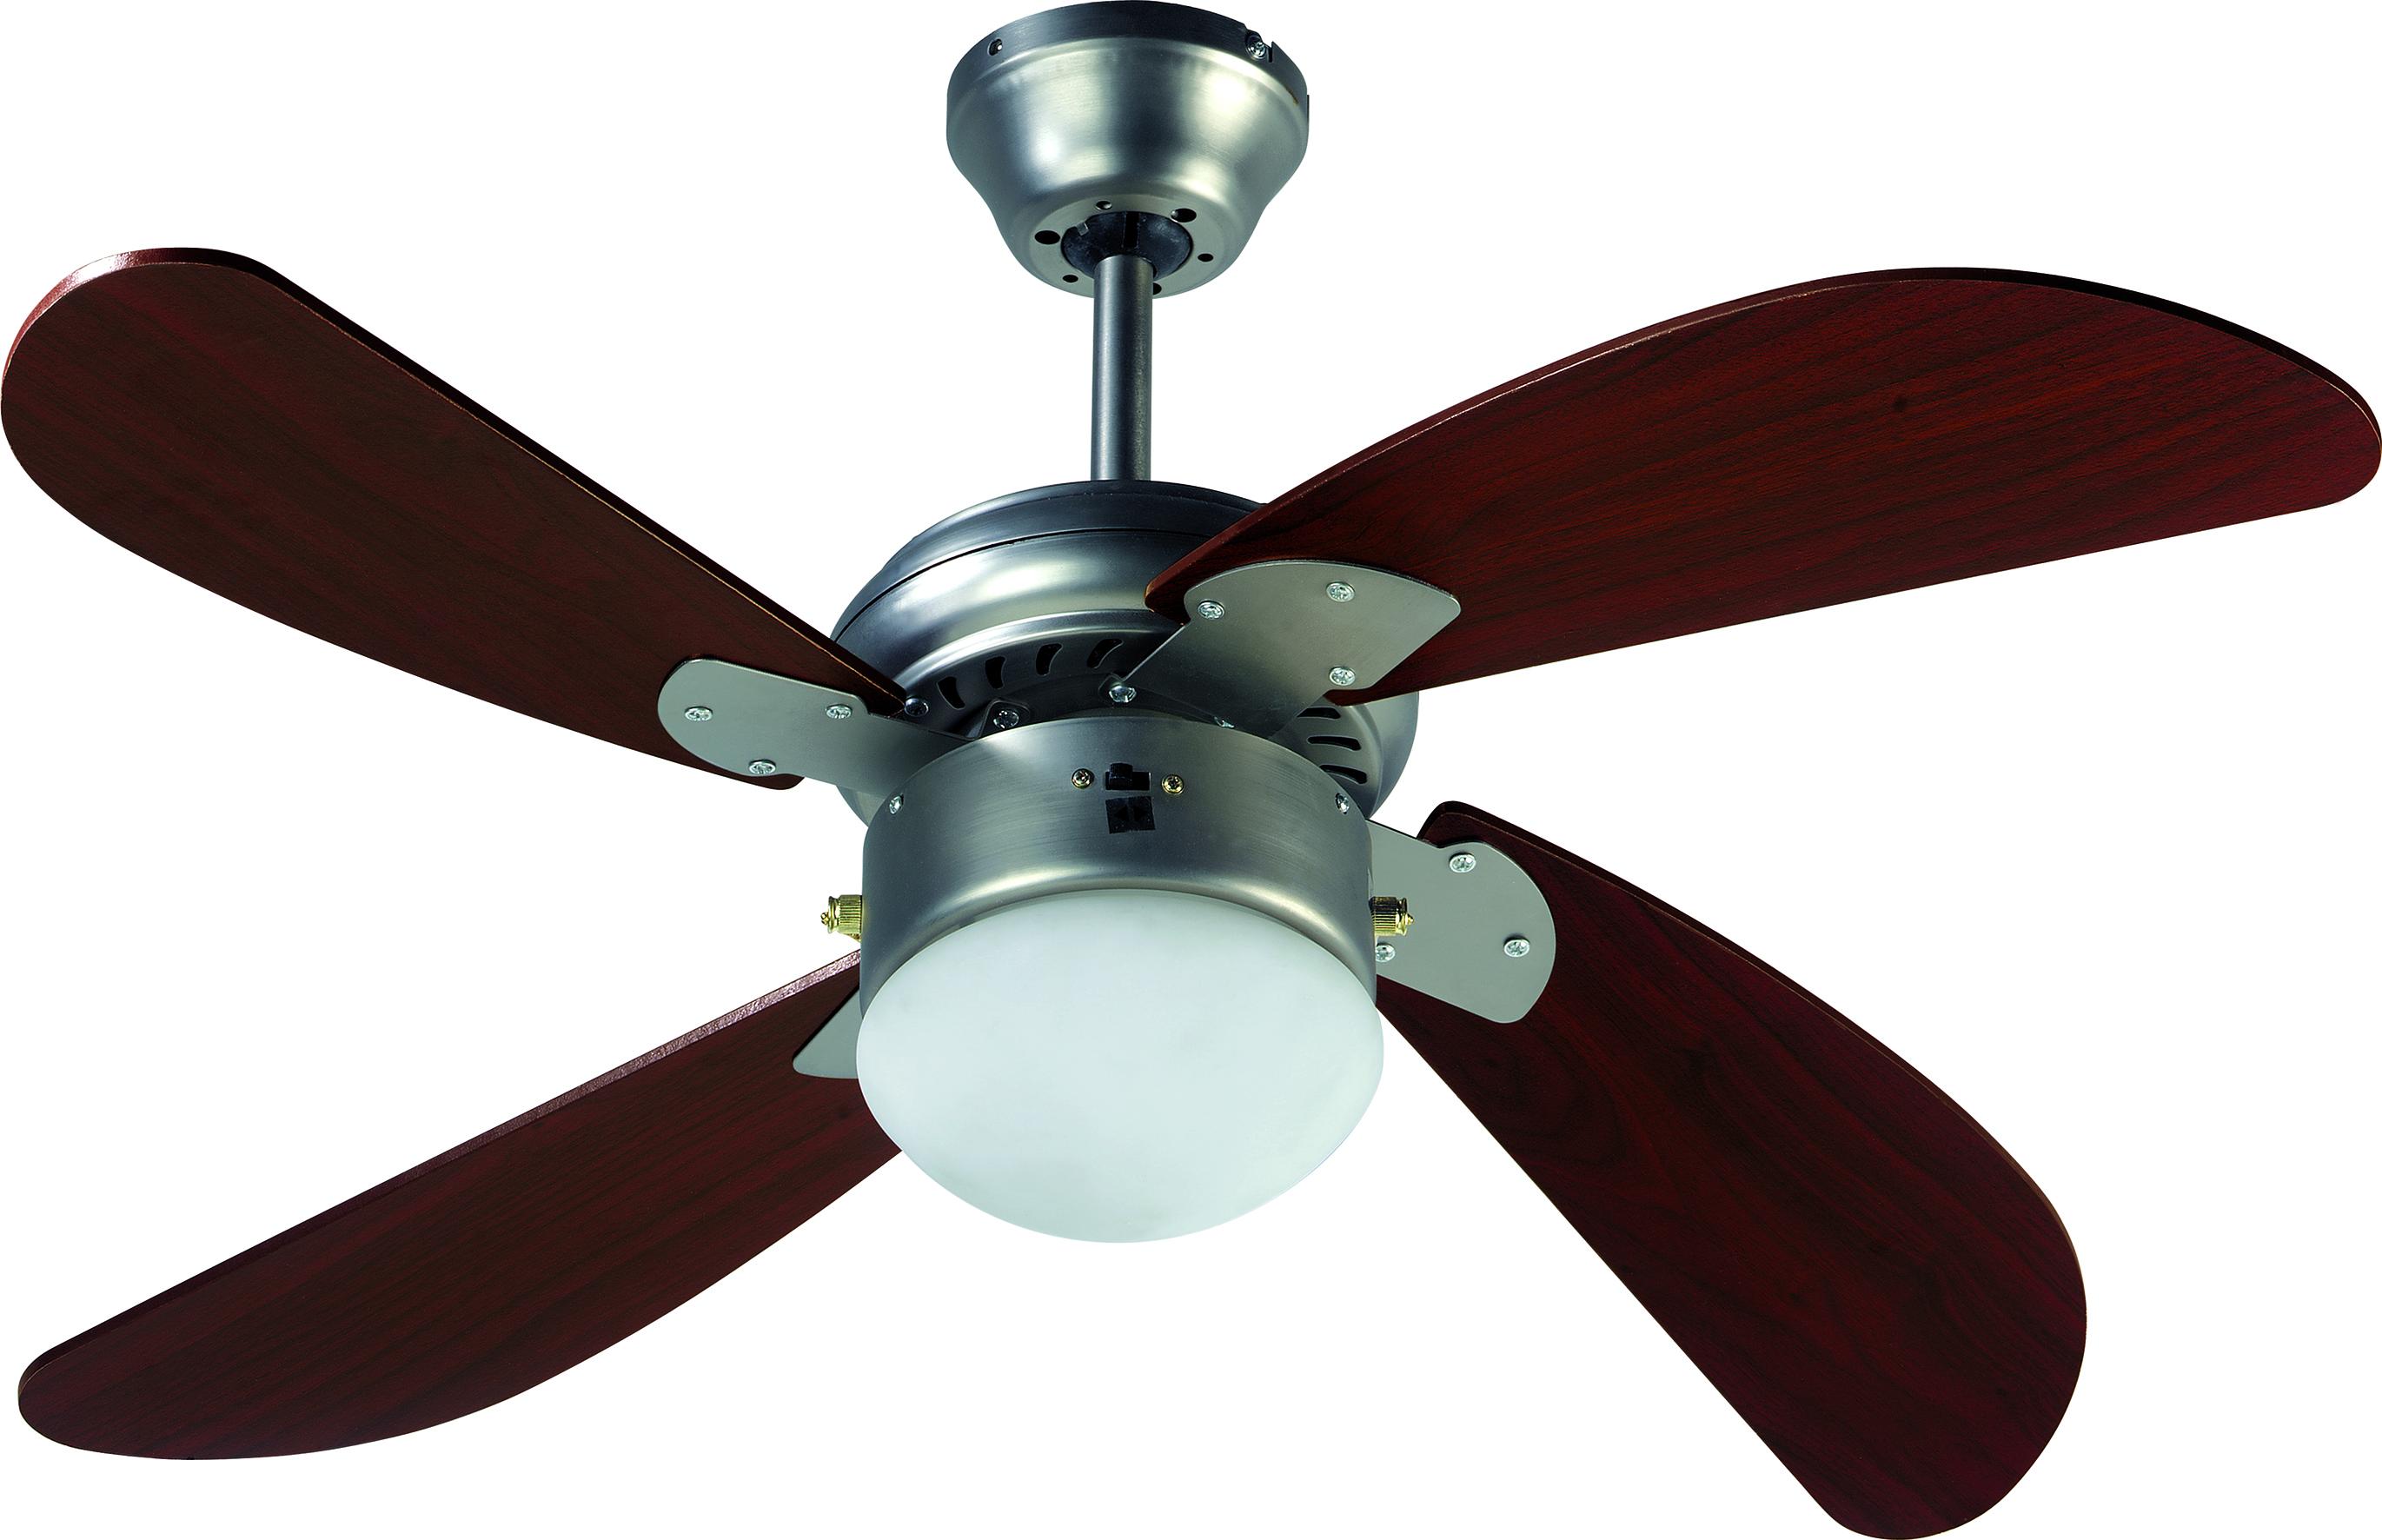 Ventilateur luminaire de plafond hawai acajou farelek - Ventilateur de plafond sans luminaire ...